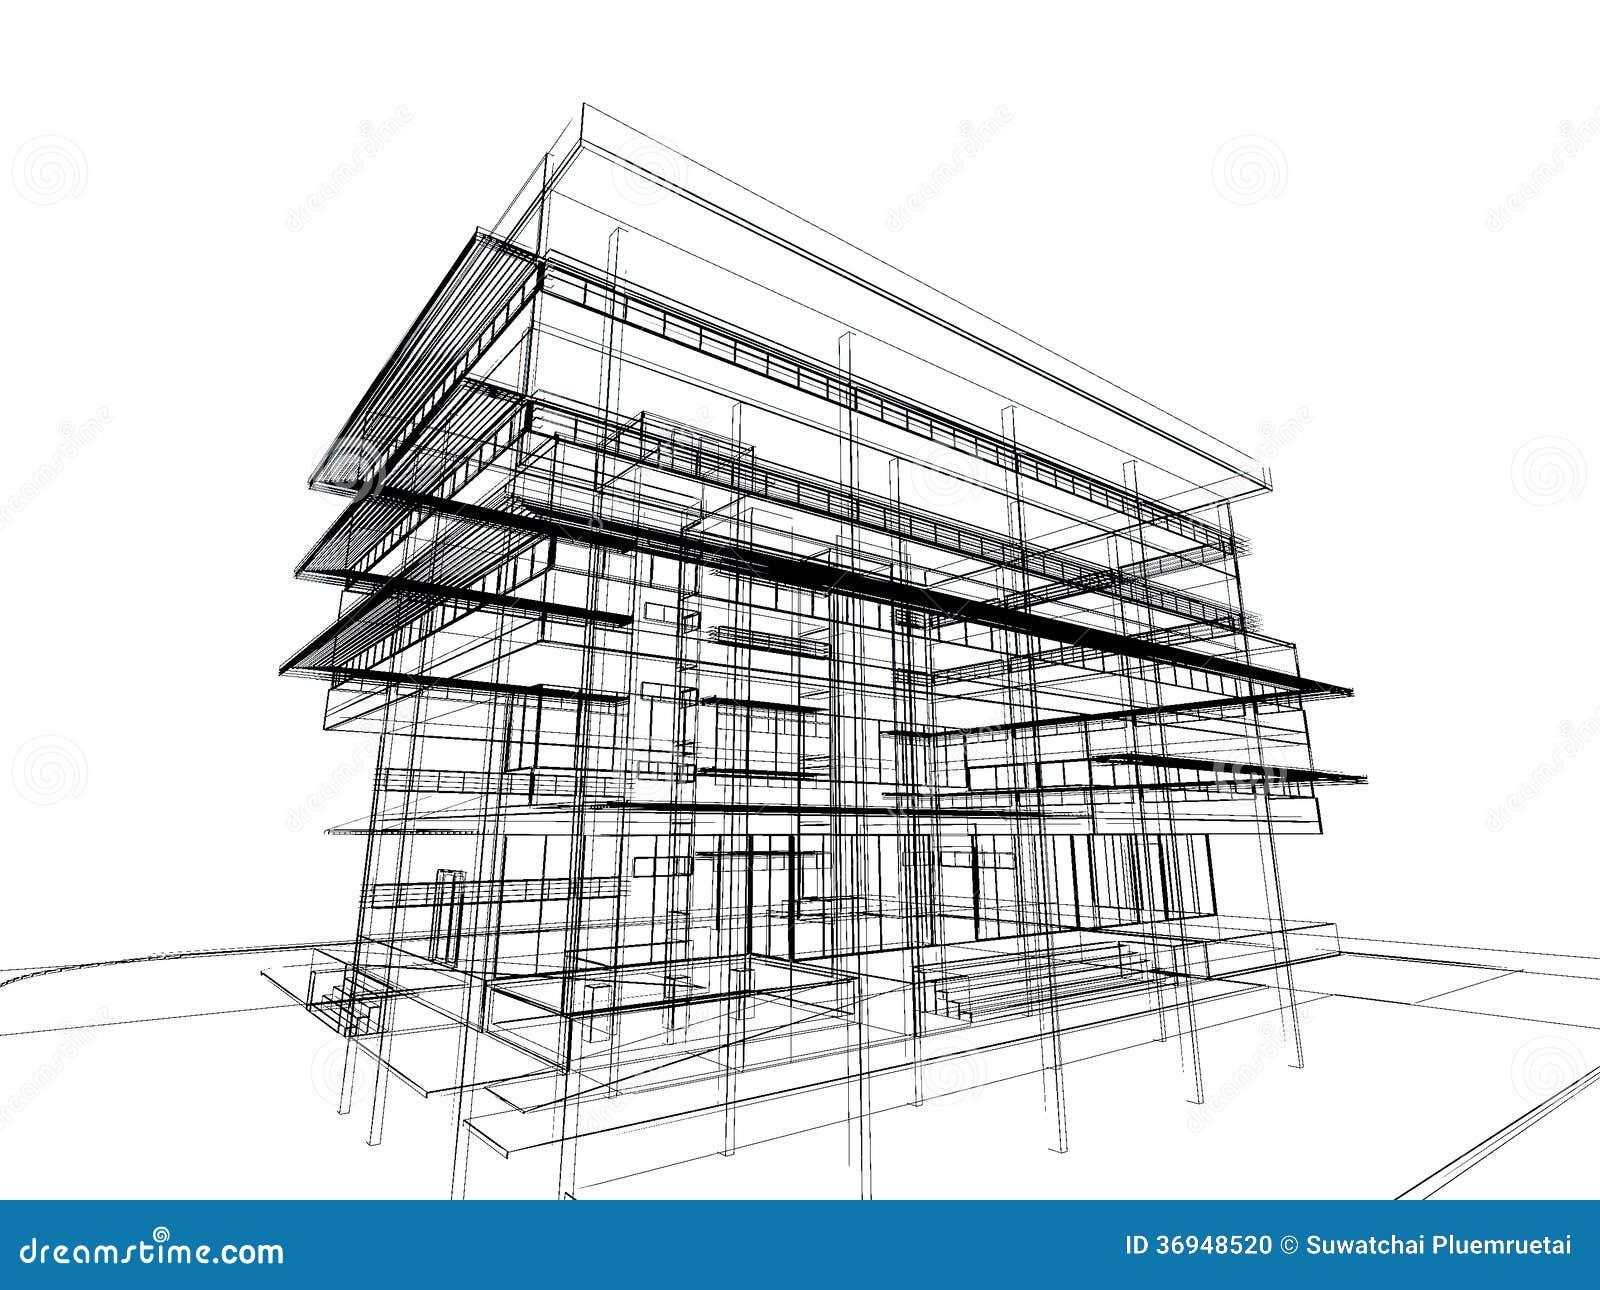 Sketch design of building stock illustration. Illustration of ...